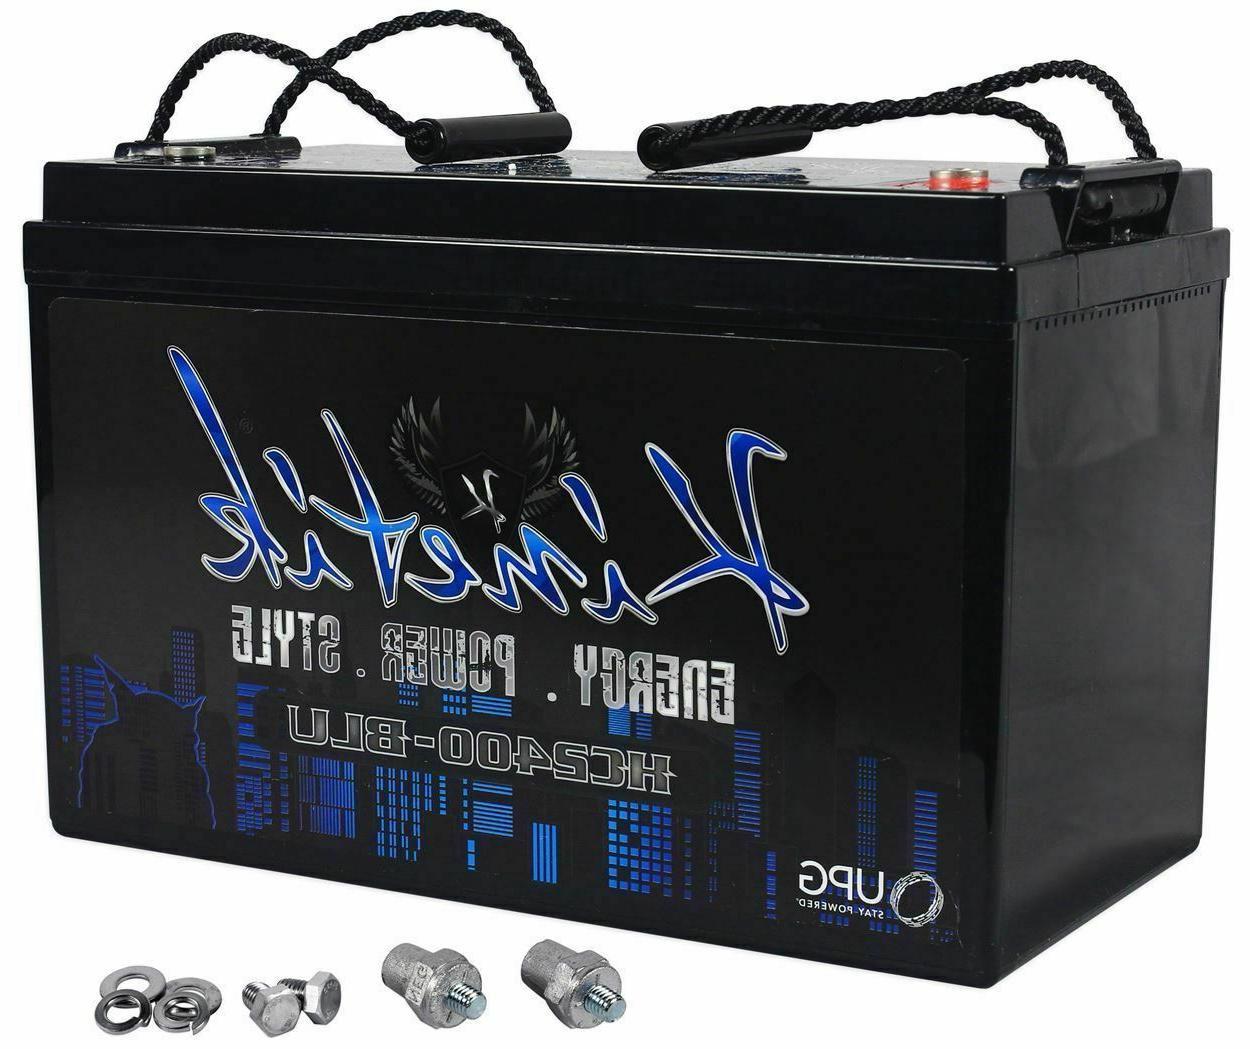 hc2400 blu 2400 watt car battery power